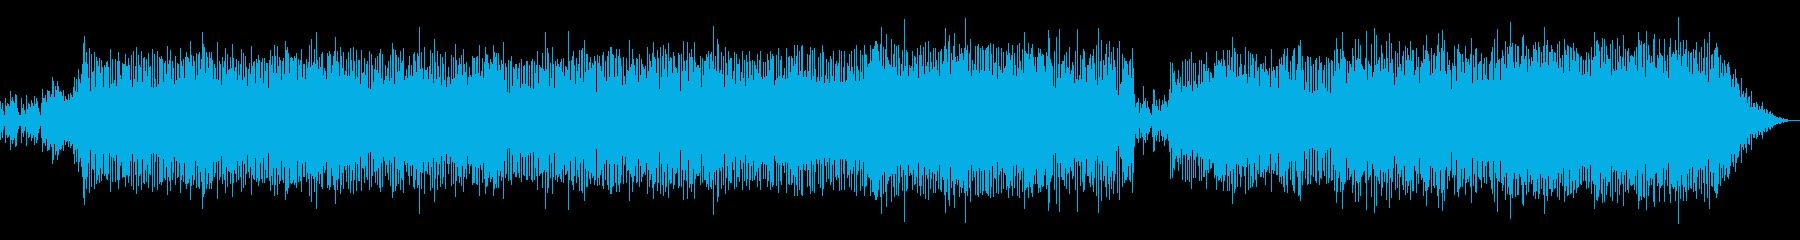 西洋民族音楽風のポップスの再生済みの波形